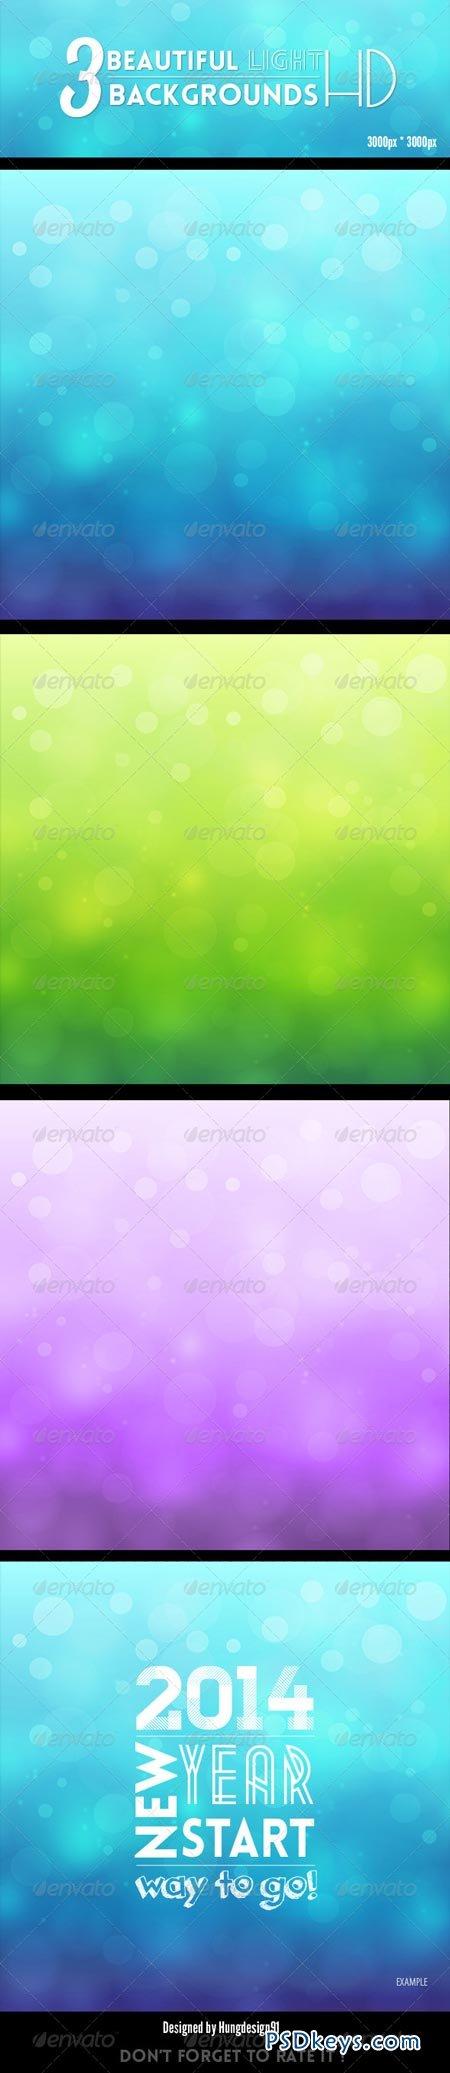 3 Amazing Beautiful Light Backgrounds HD 6901551